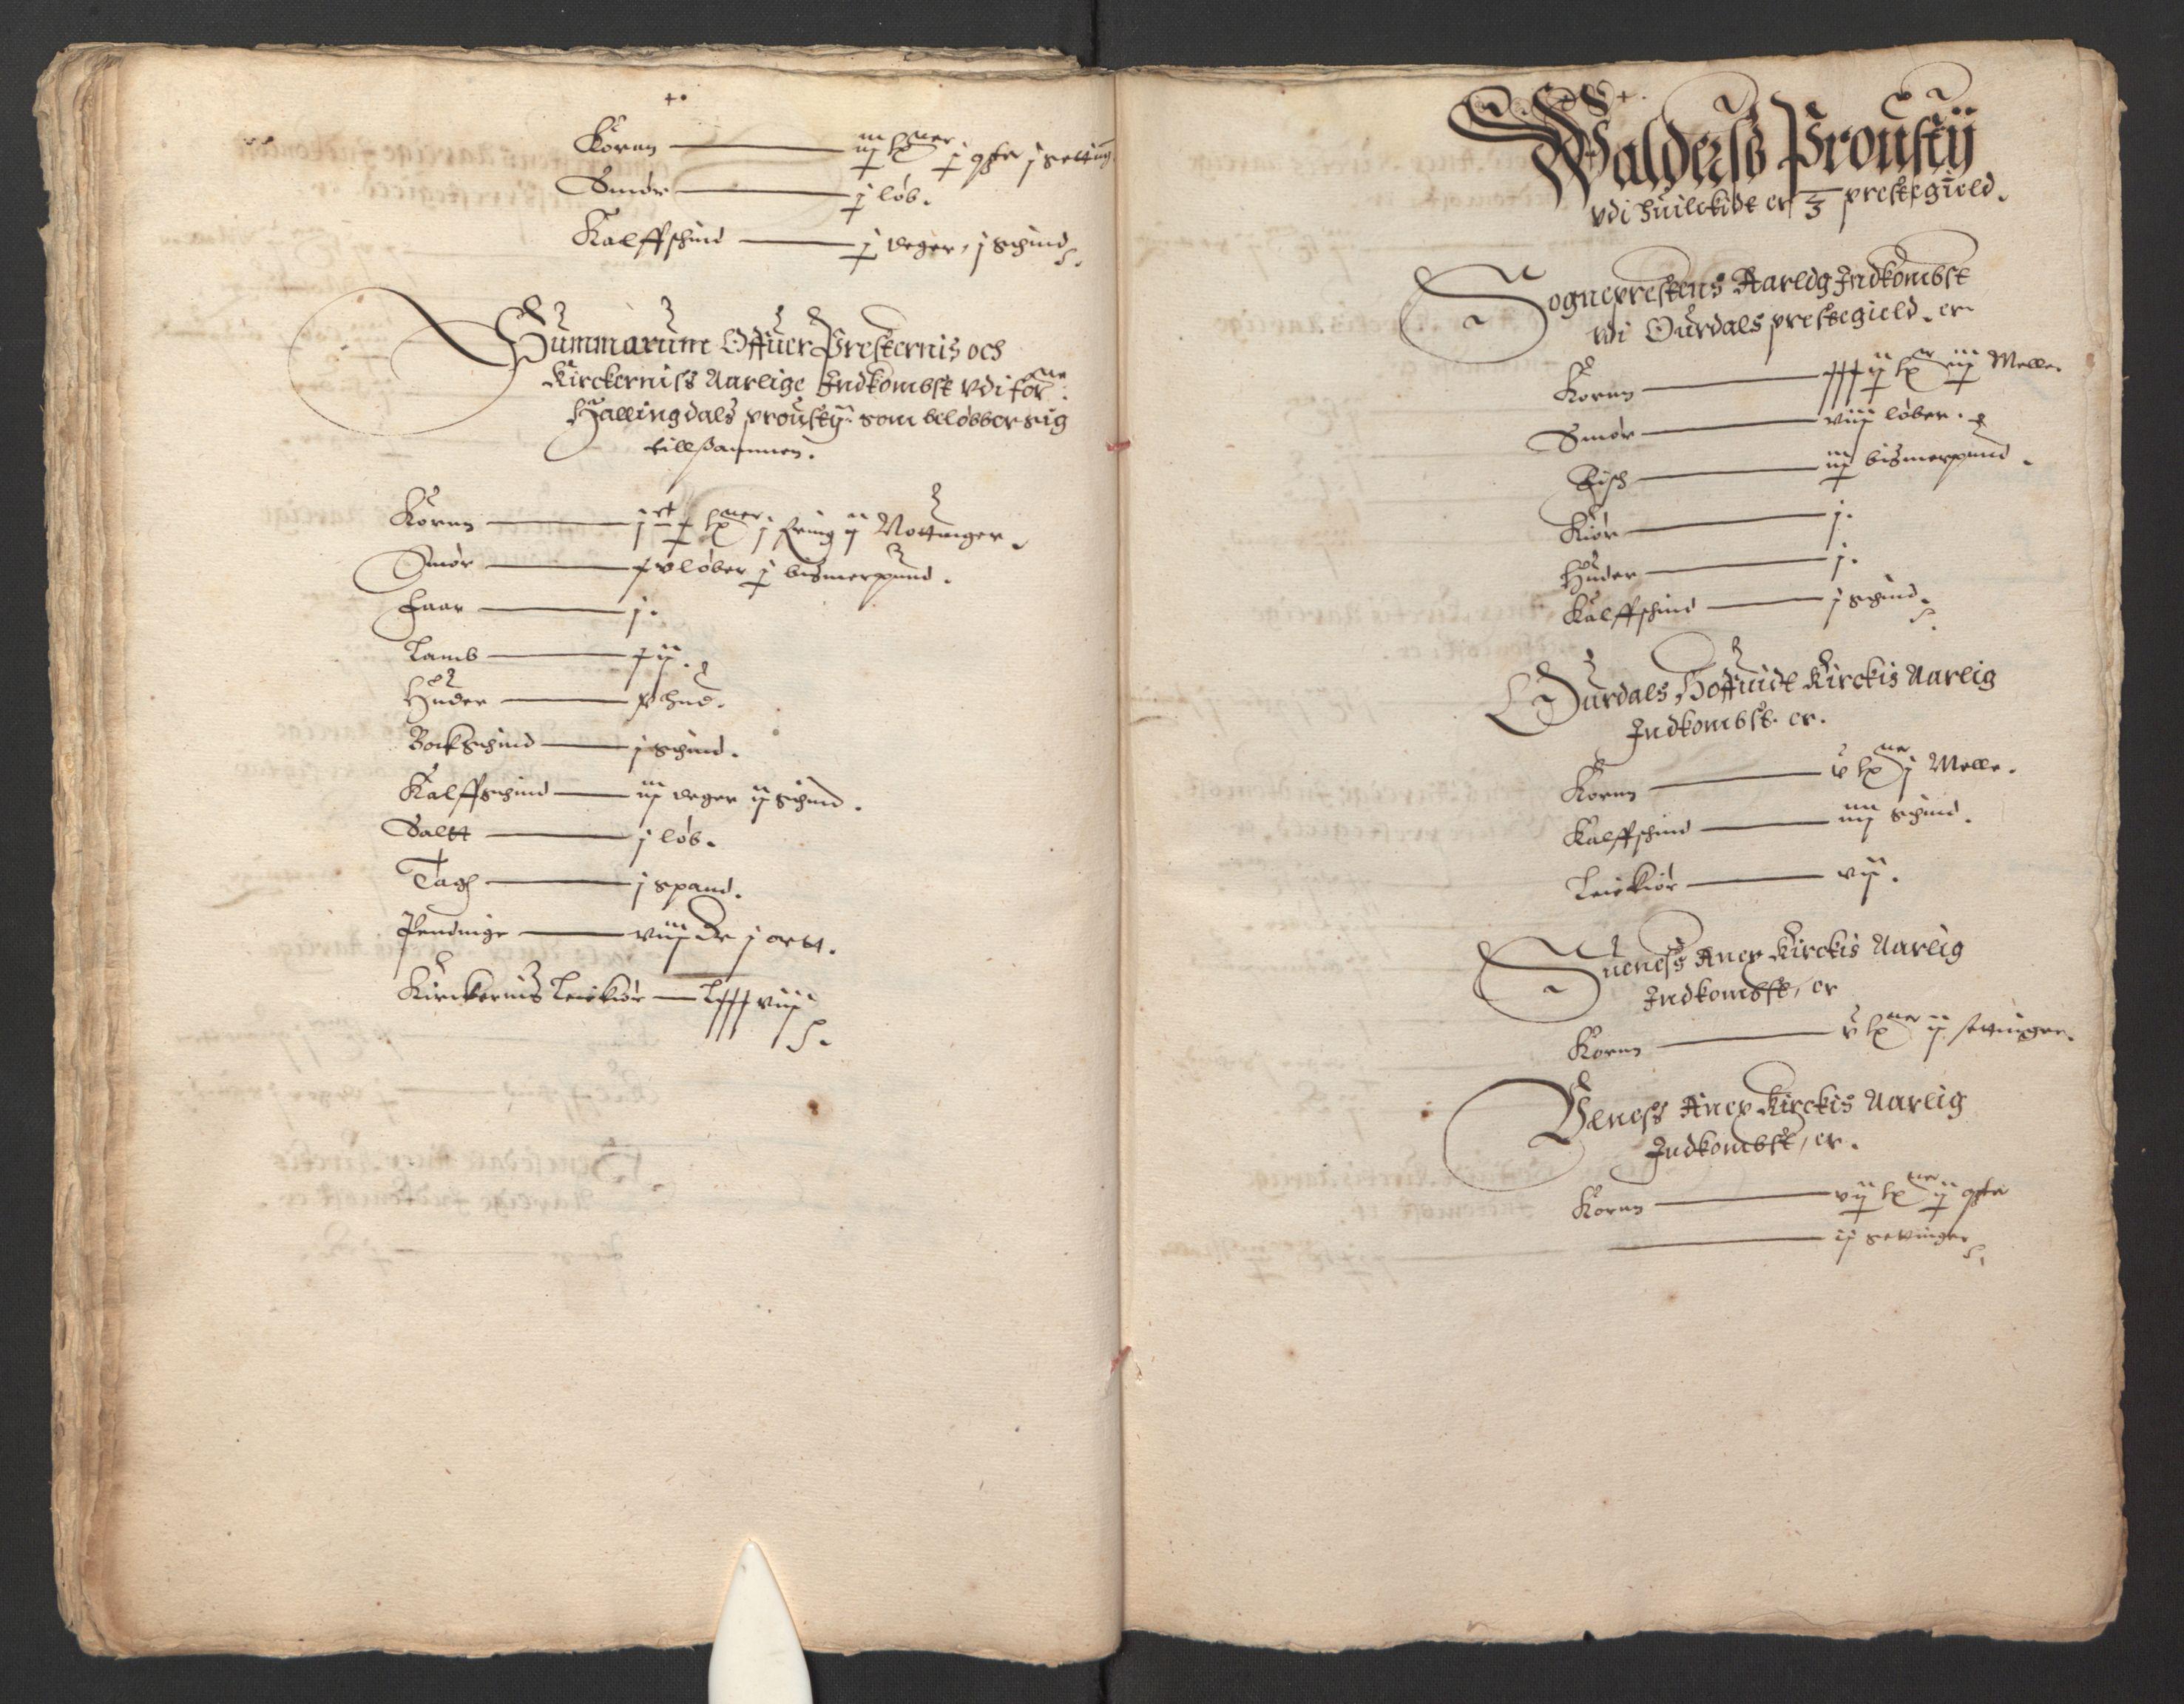 RA, Stattholderembetet 1572-1771, Ek/L0014: Jordebøker til utlikning av rosstjeneste 1624-1626:, 1625, s. 35